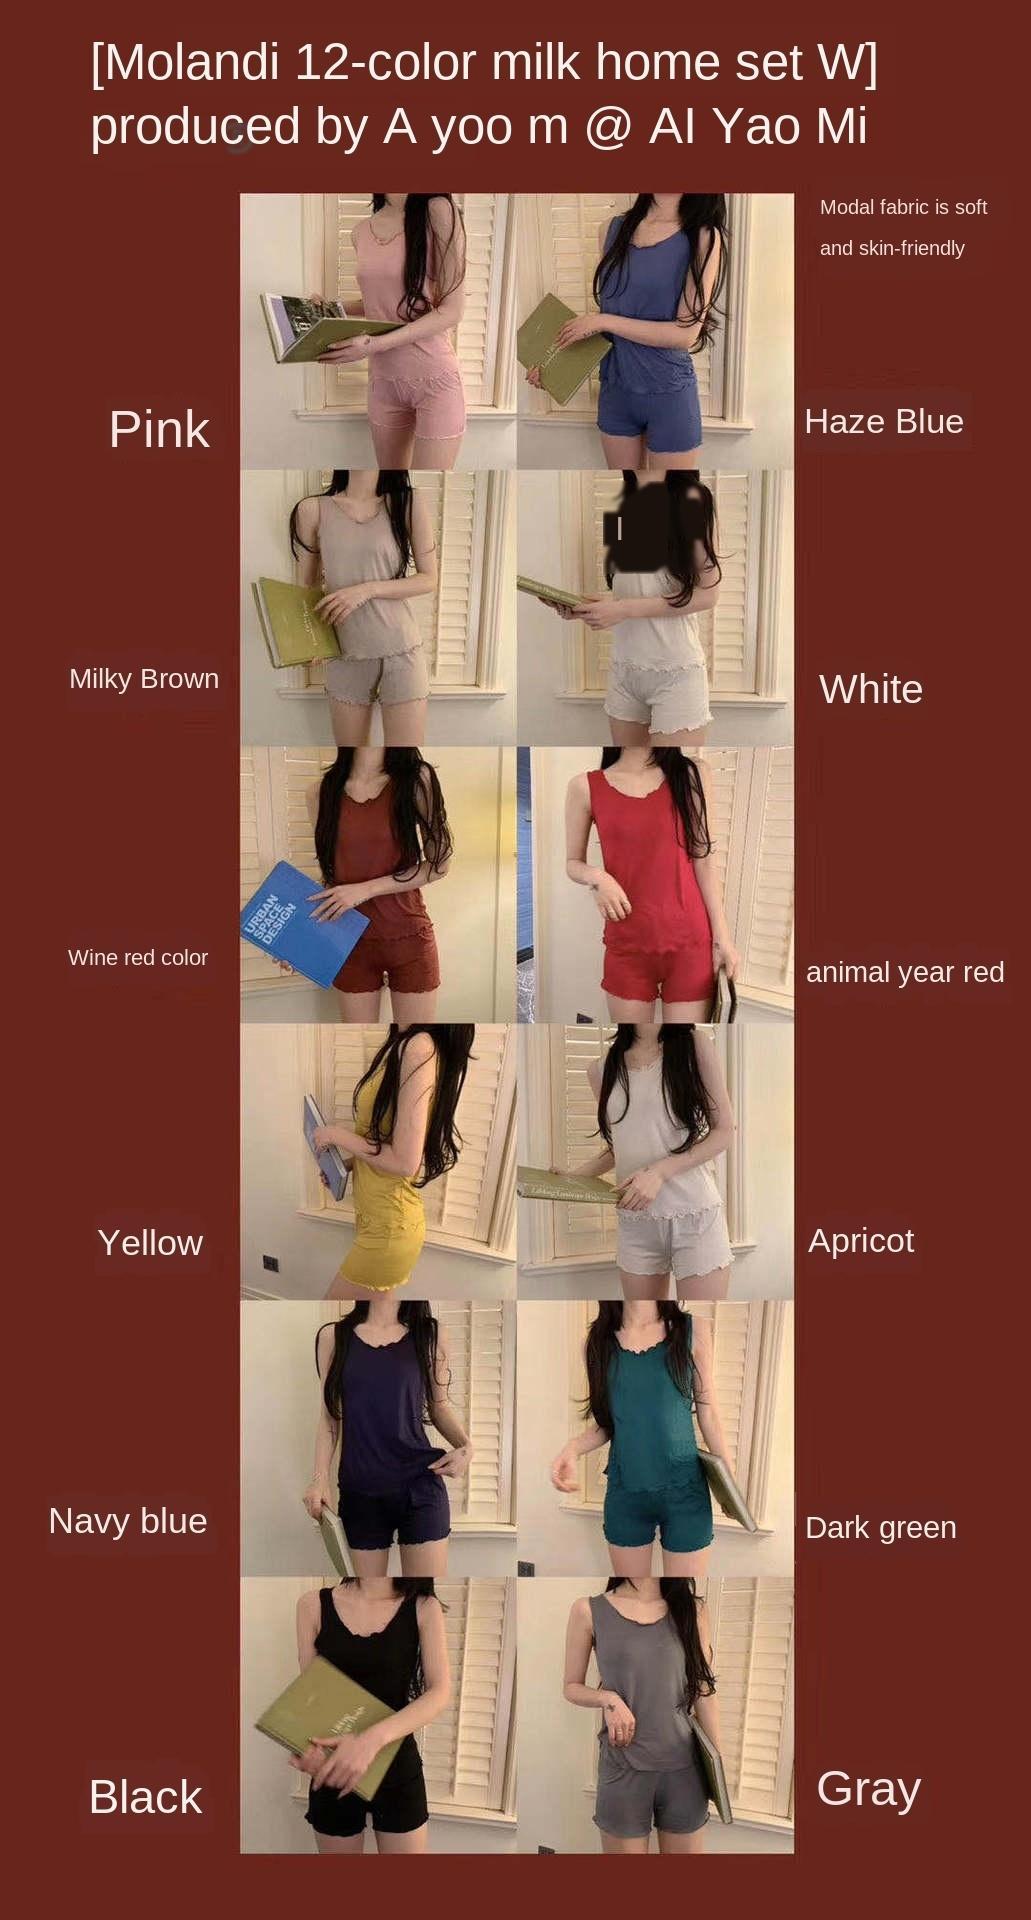 2020 весной одежда Жилет одежда и летом новая модальный 12 цвета молока домашнего костюма женского модальная удобный жилет пижама домашней одежда Vv3Pi VV3